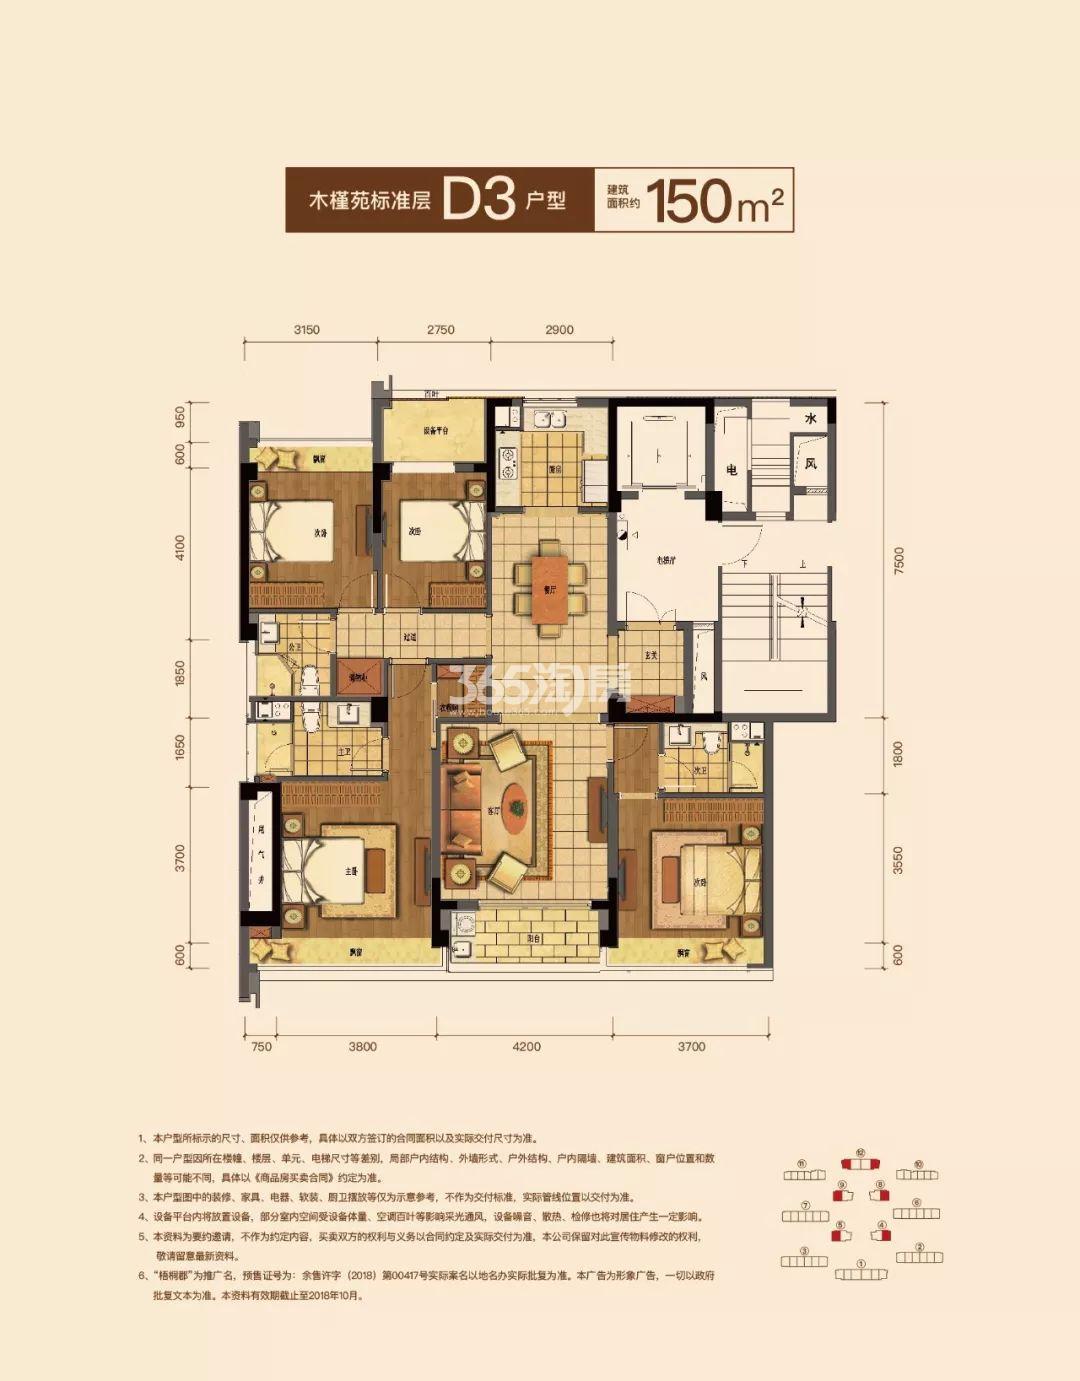 梧桐郡三期4、5、8、9、12号楼D3户型150方户型图